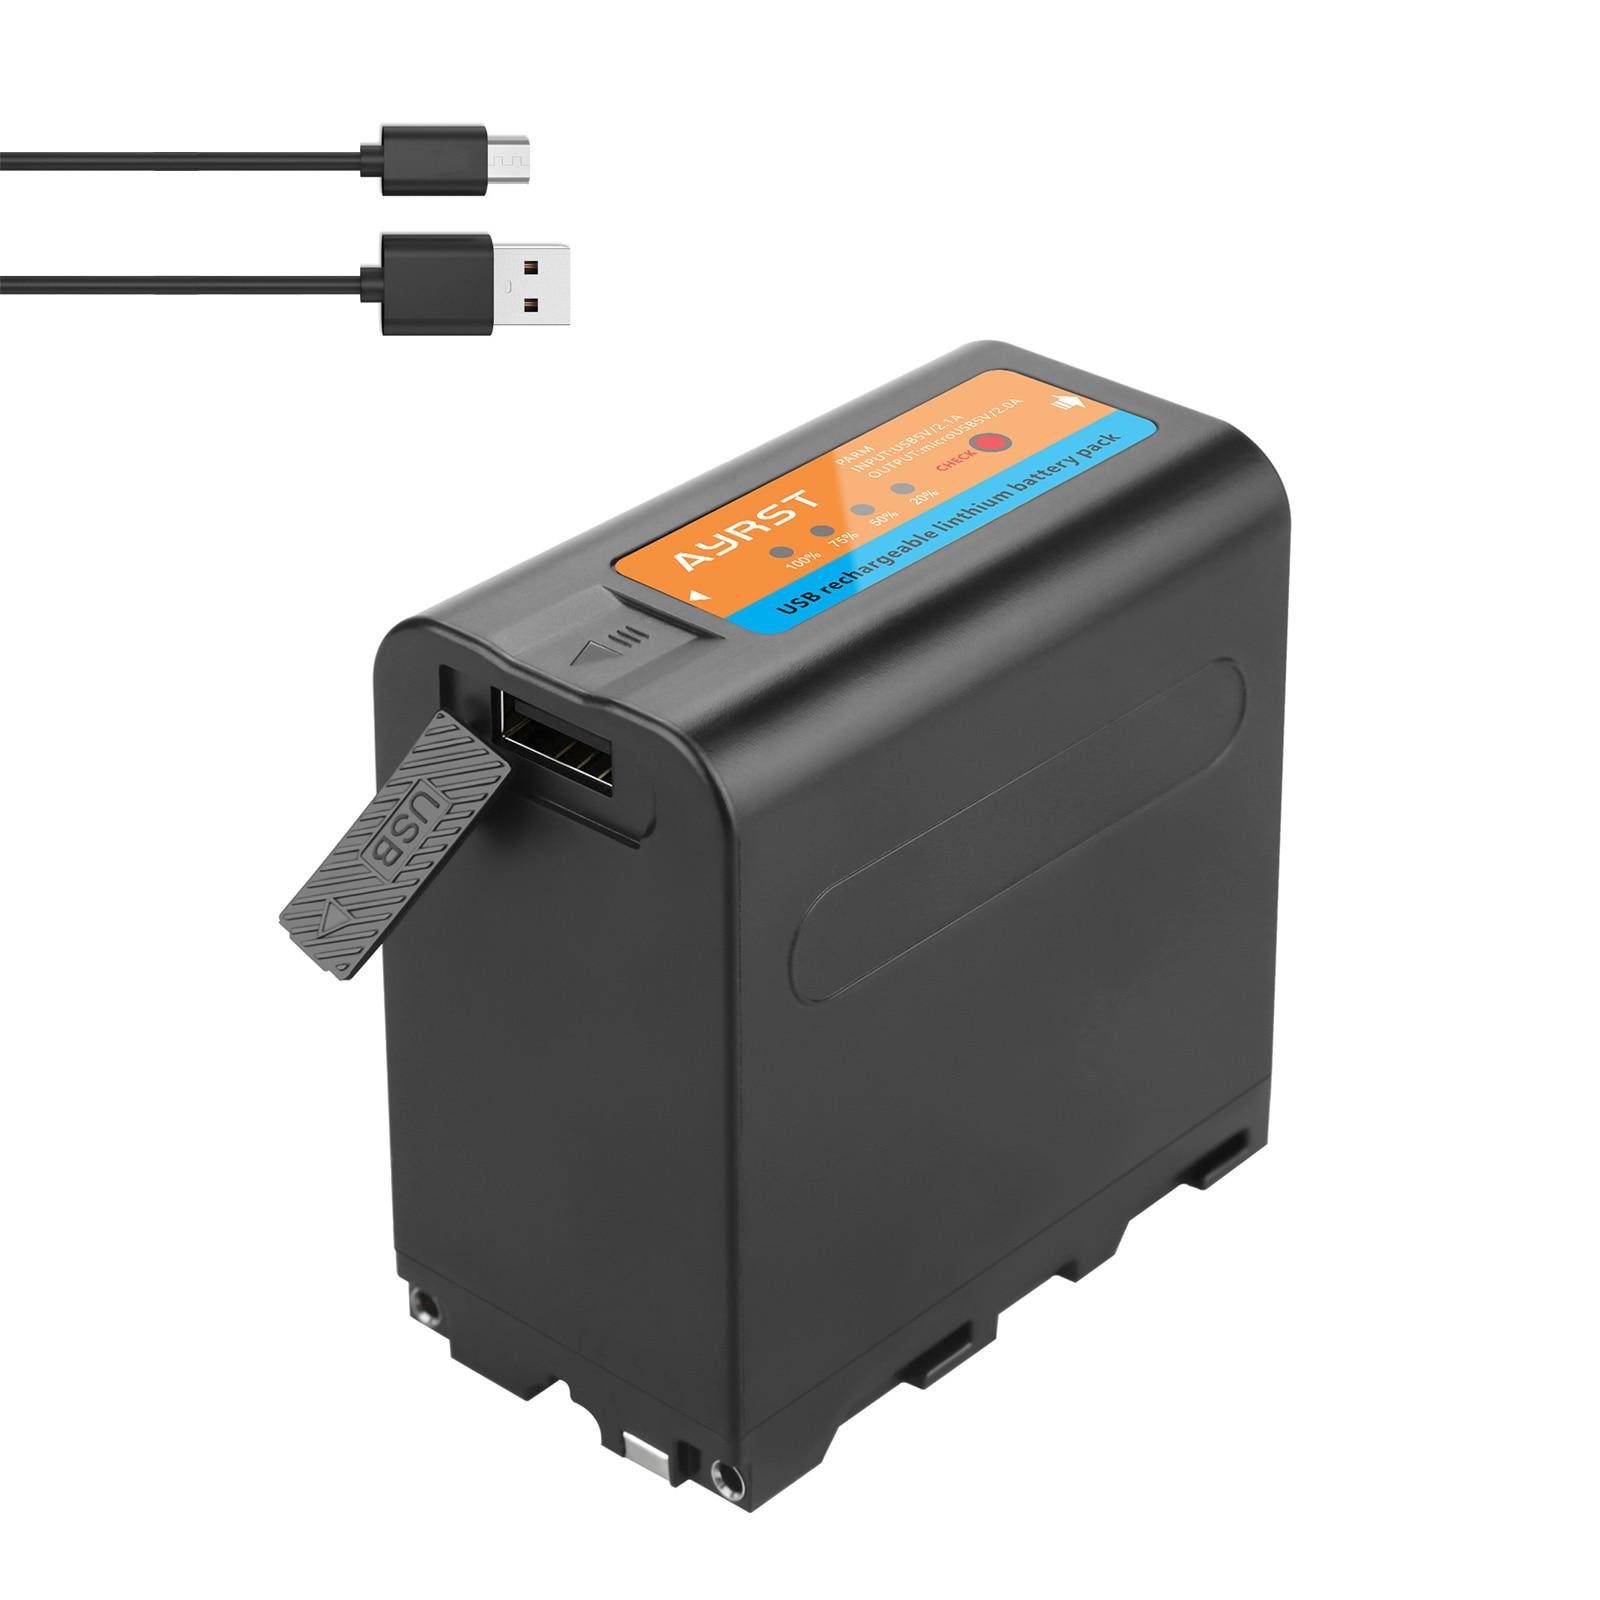 8800mah NP-F980 NP-F970 f960 bateria com cabo usb indicador led para sony f960 f550 f570 f750 f770 mc1500c luz de vídeo